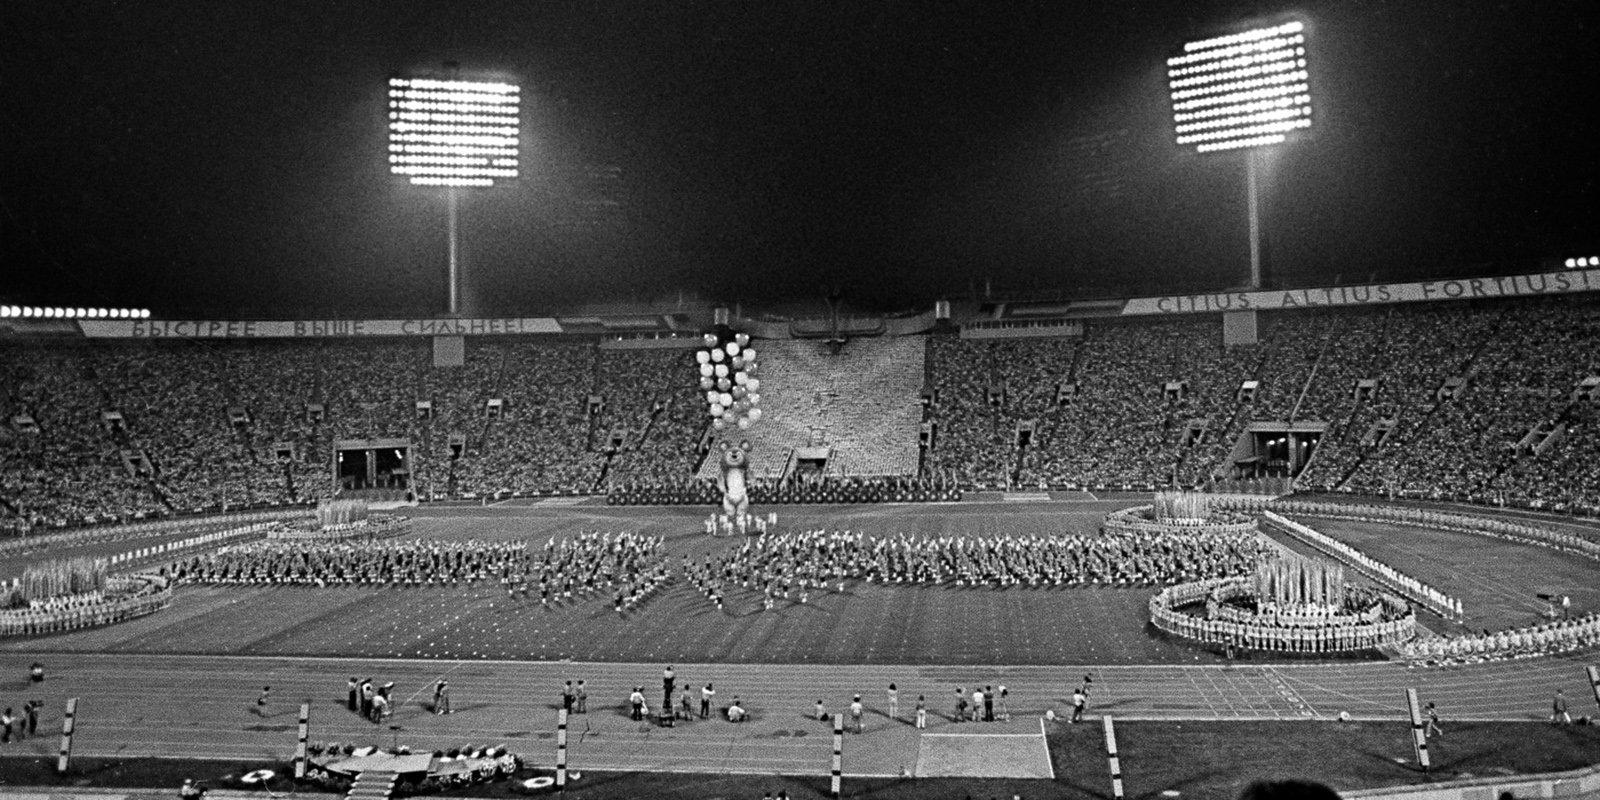 Во время церемонии закрытия XXII Олимпийских игр на Центральном стадионе имени В.И. Ленина. Автор М. Боташев. 3 августа 1980 года. Главархив Москвы